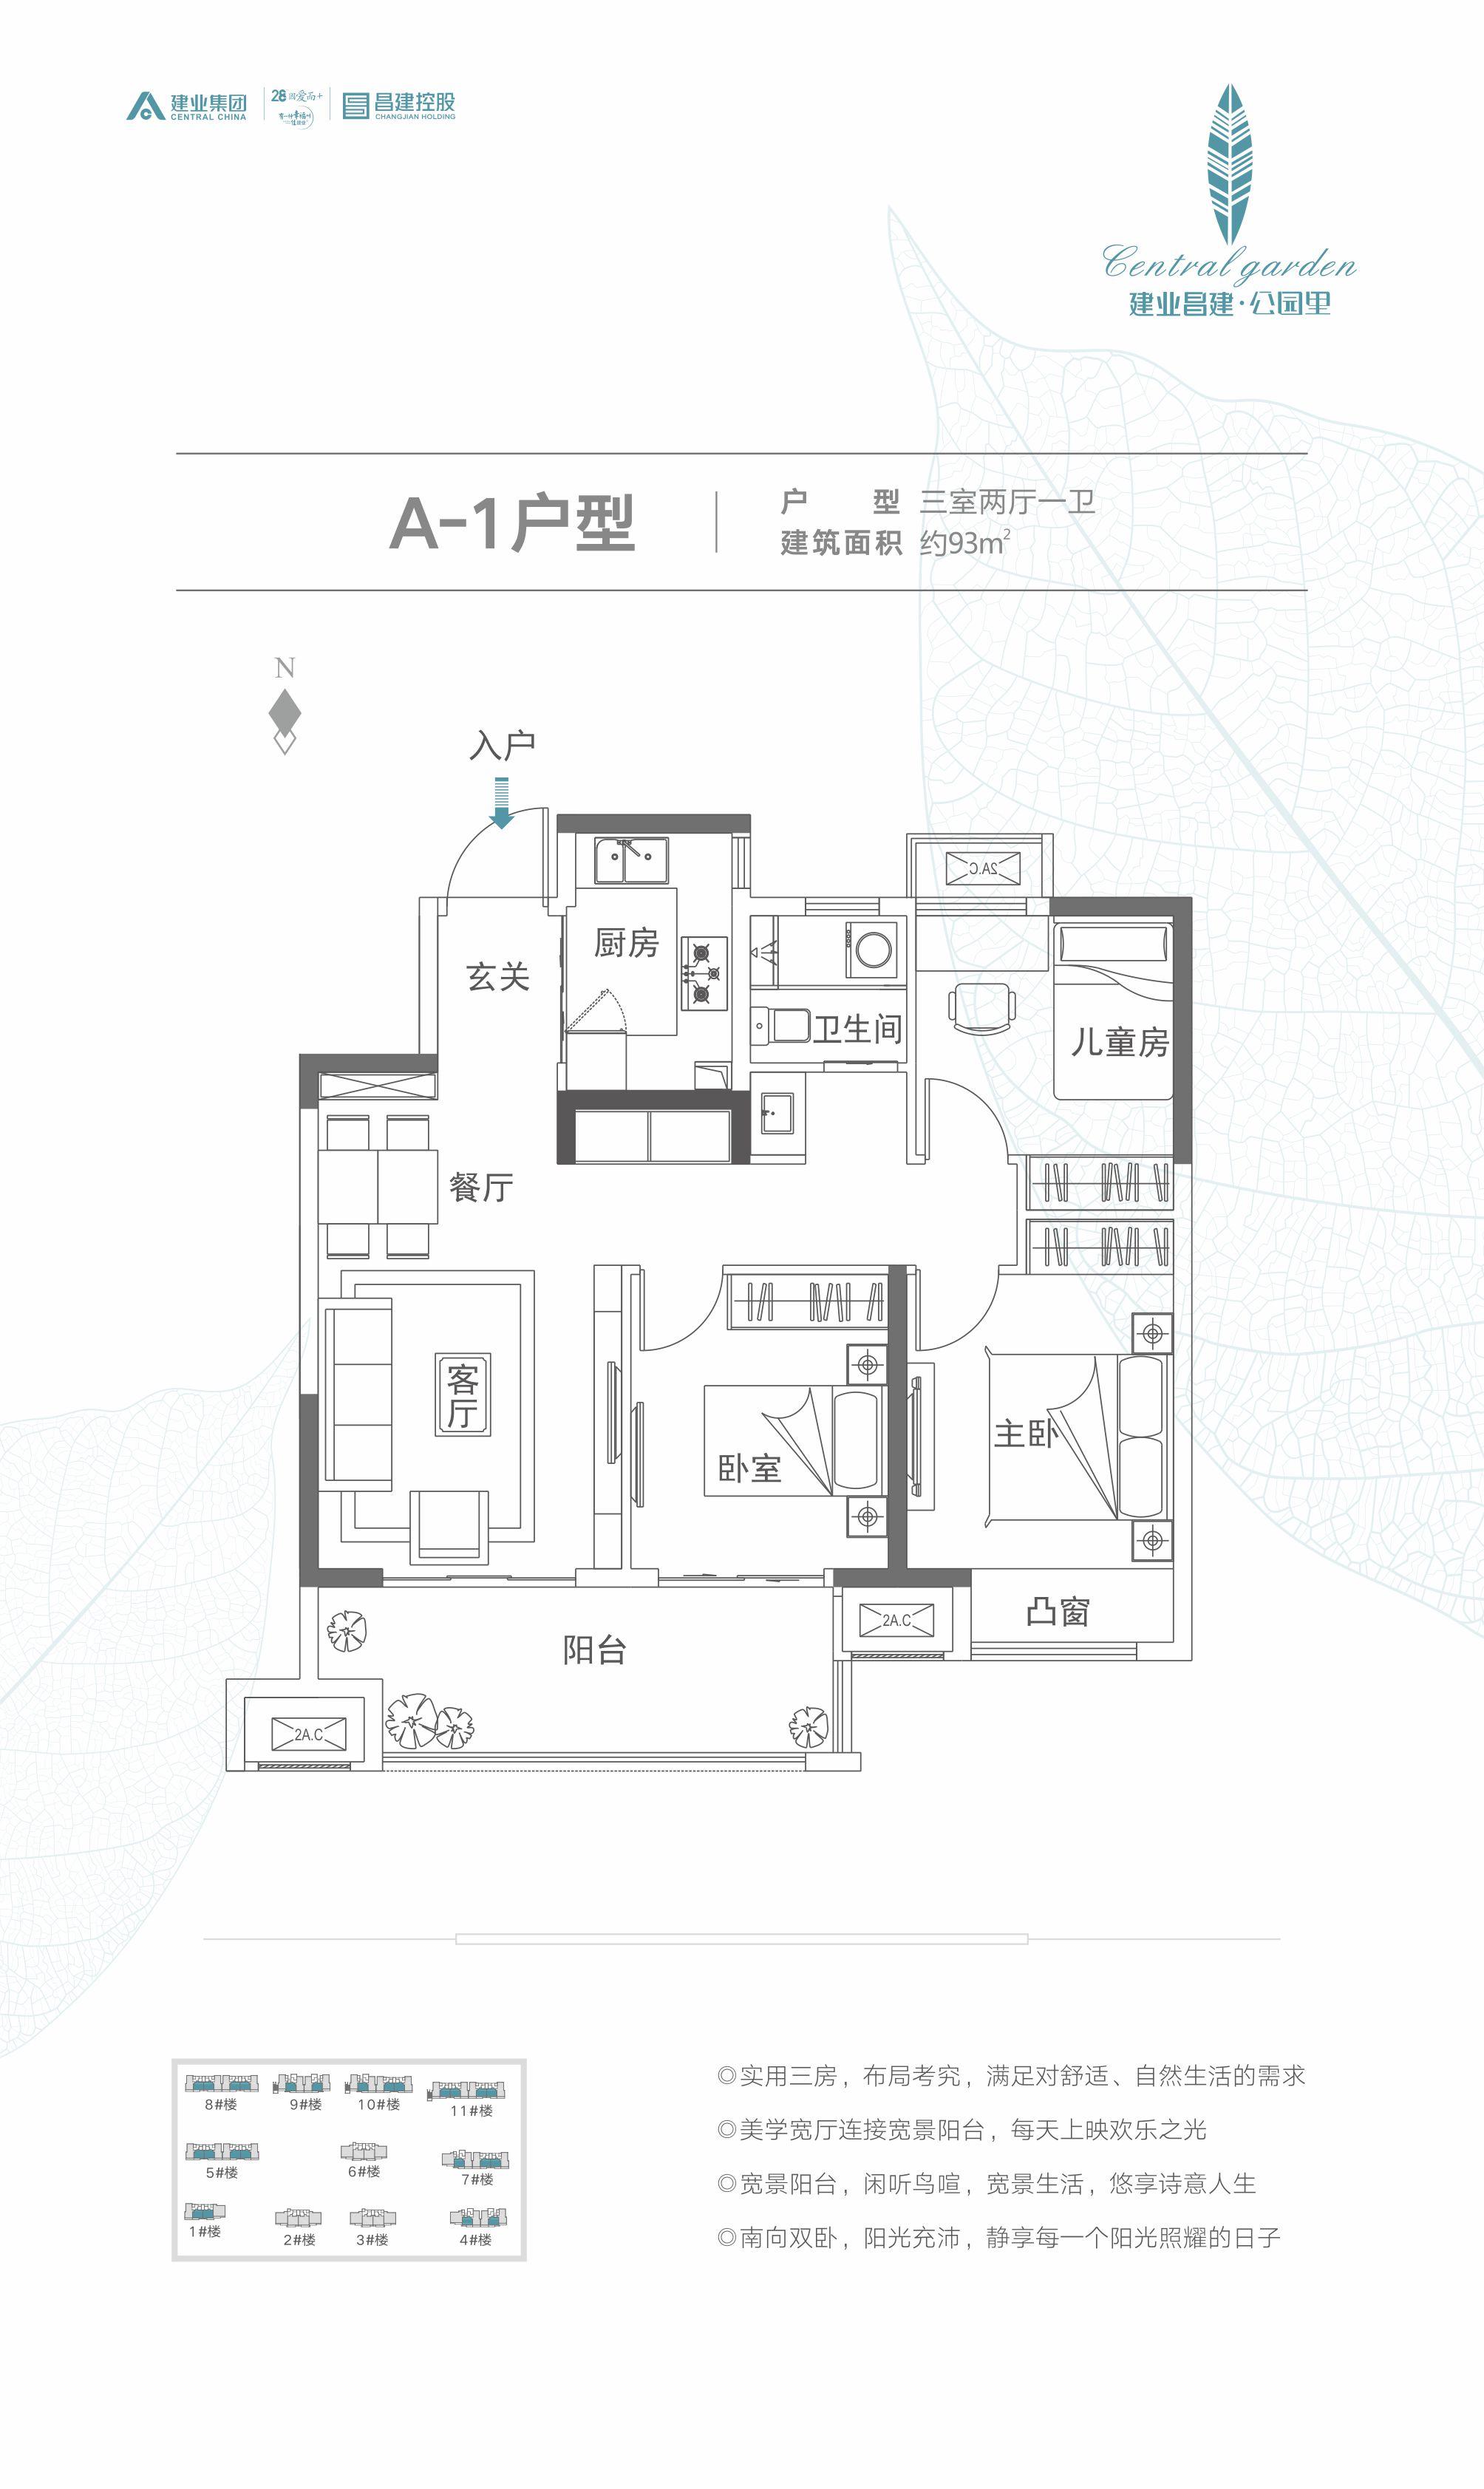 A-1建业昌建·公园里户型图